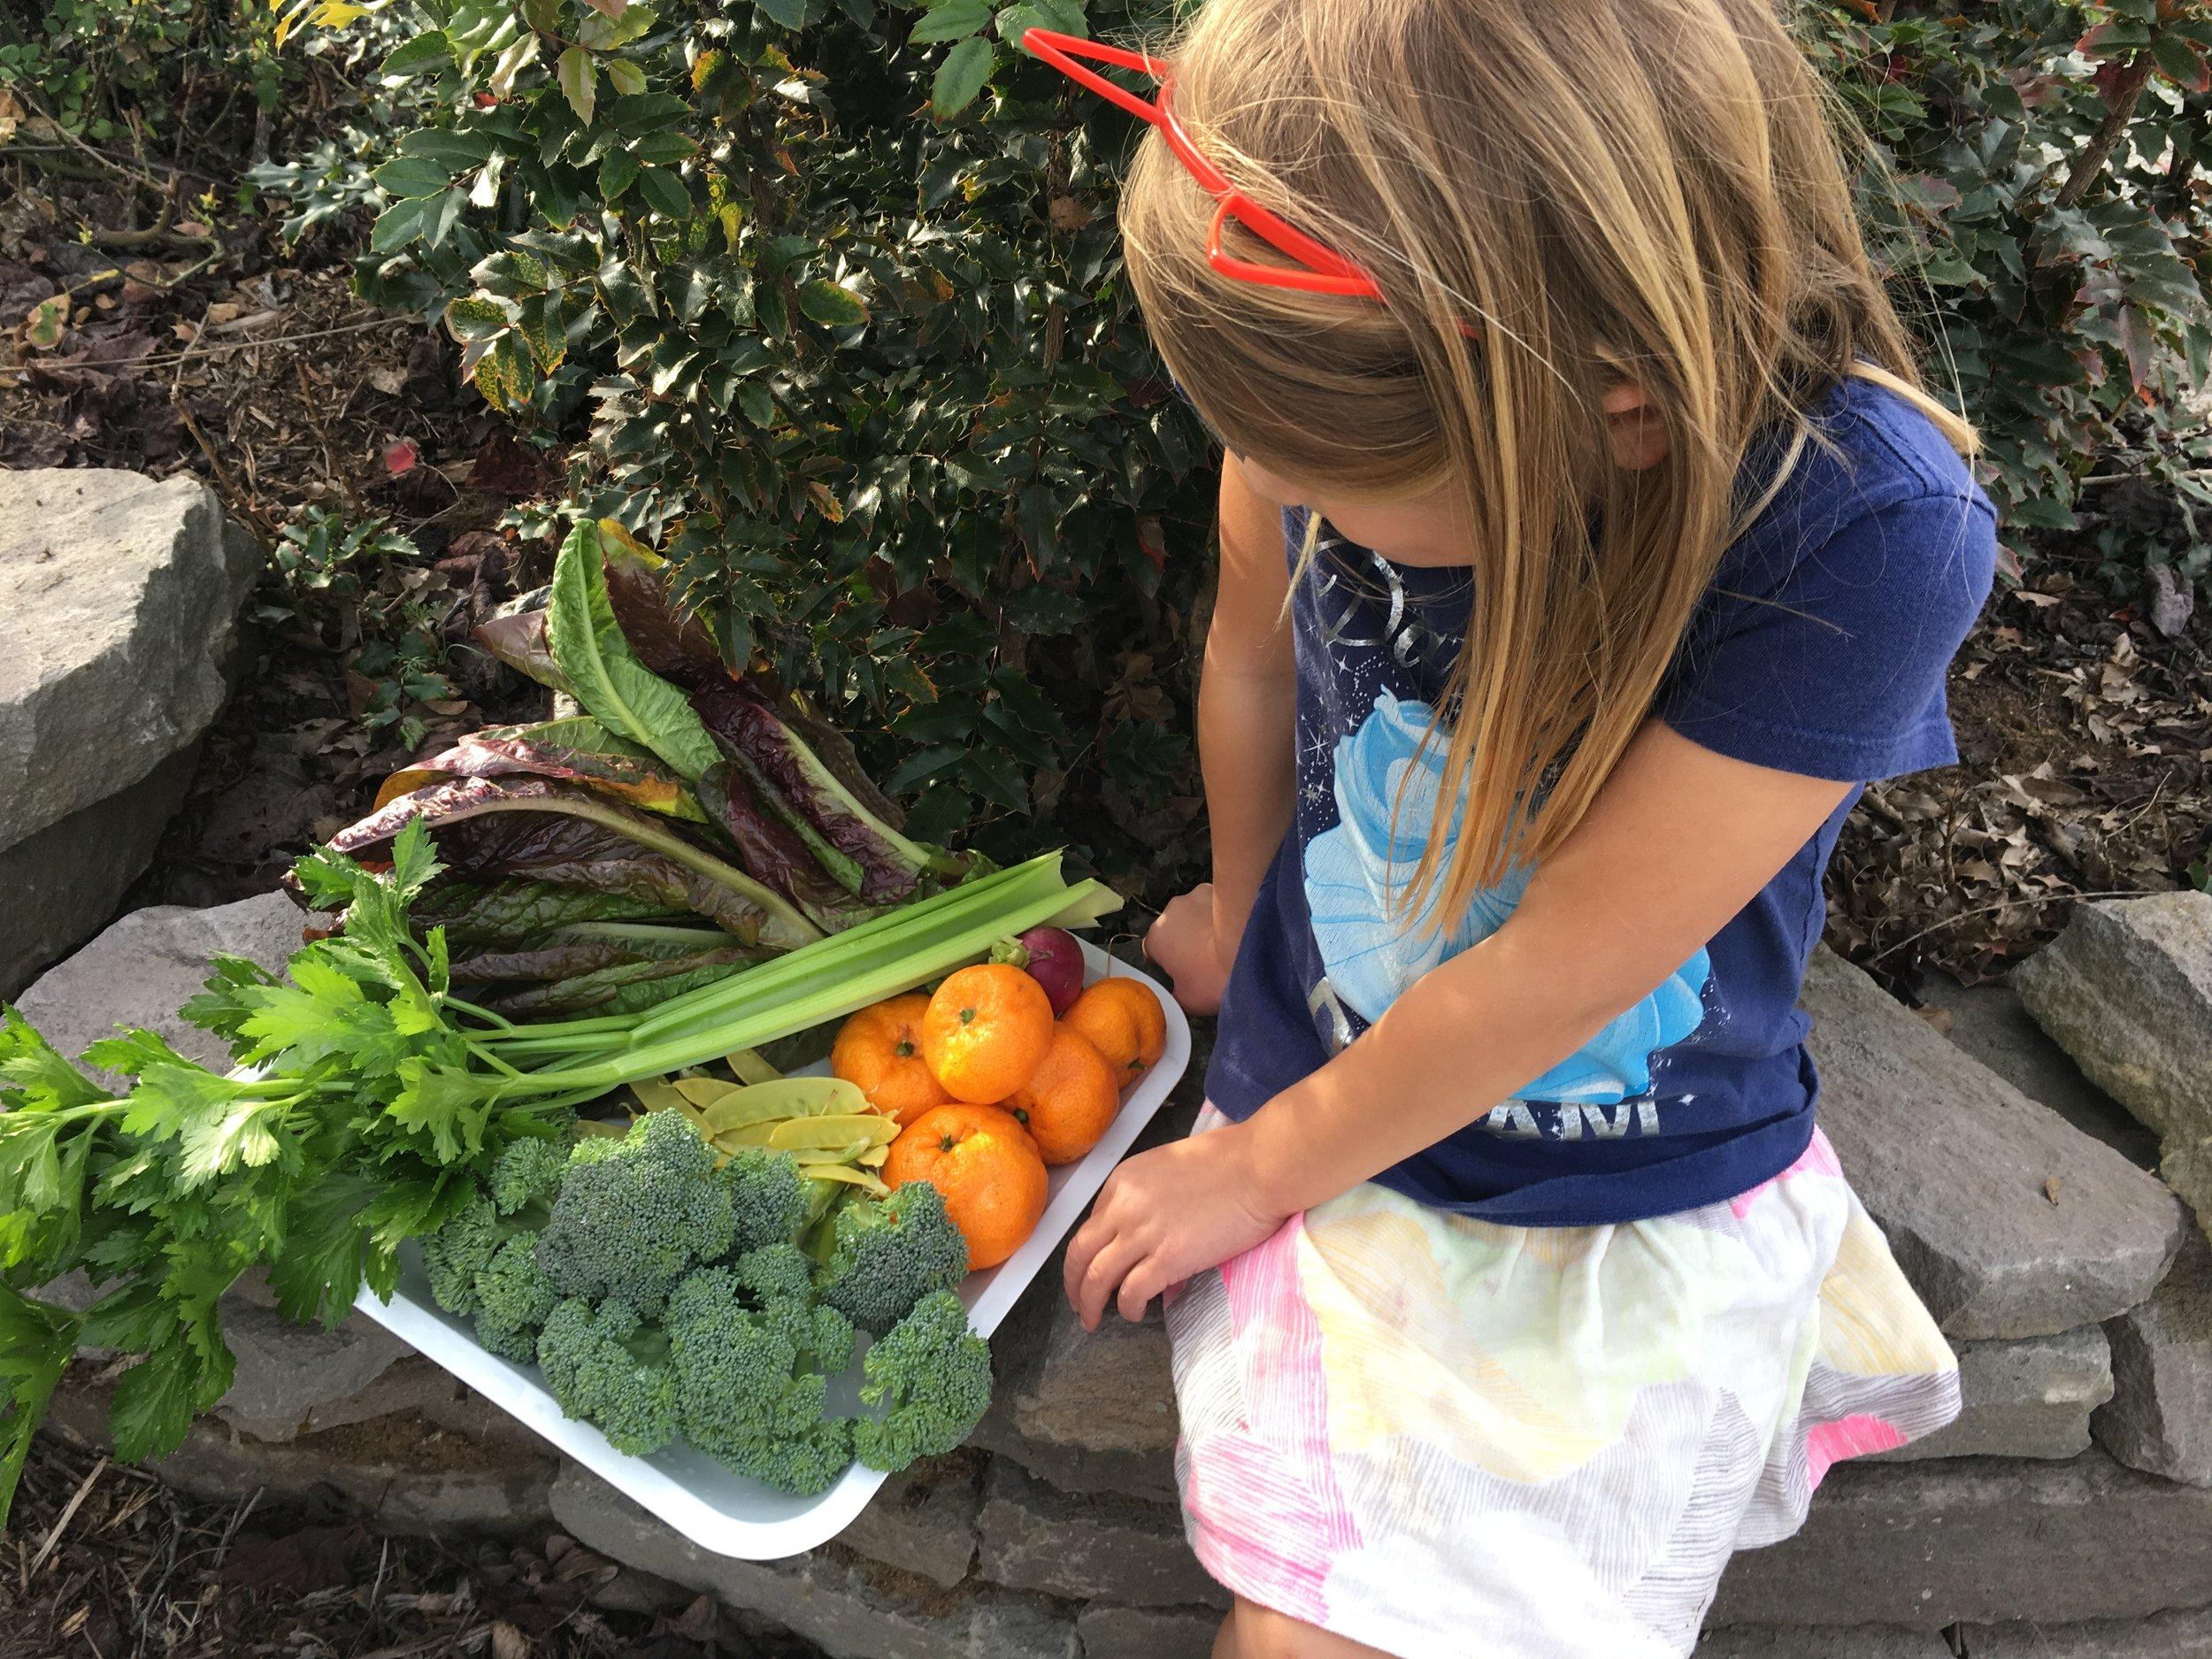 Garden goodness for neighbors.